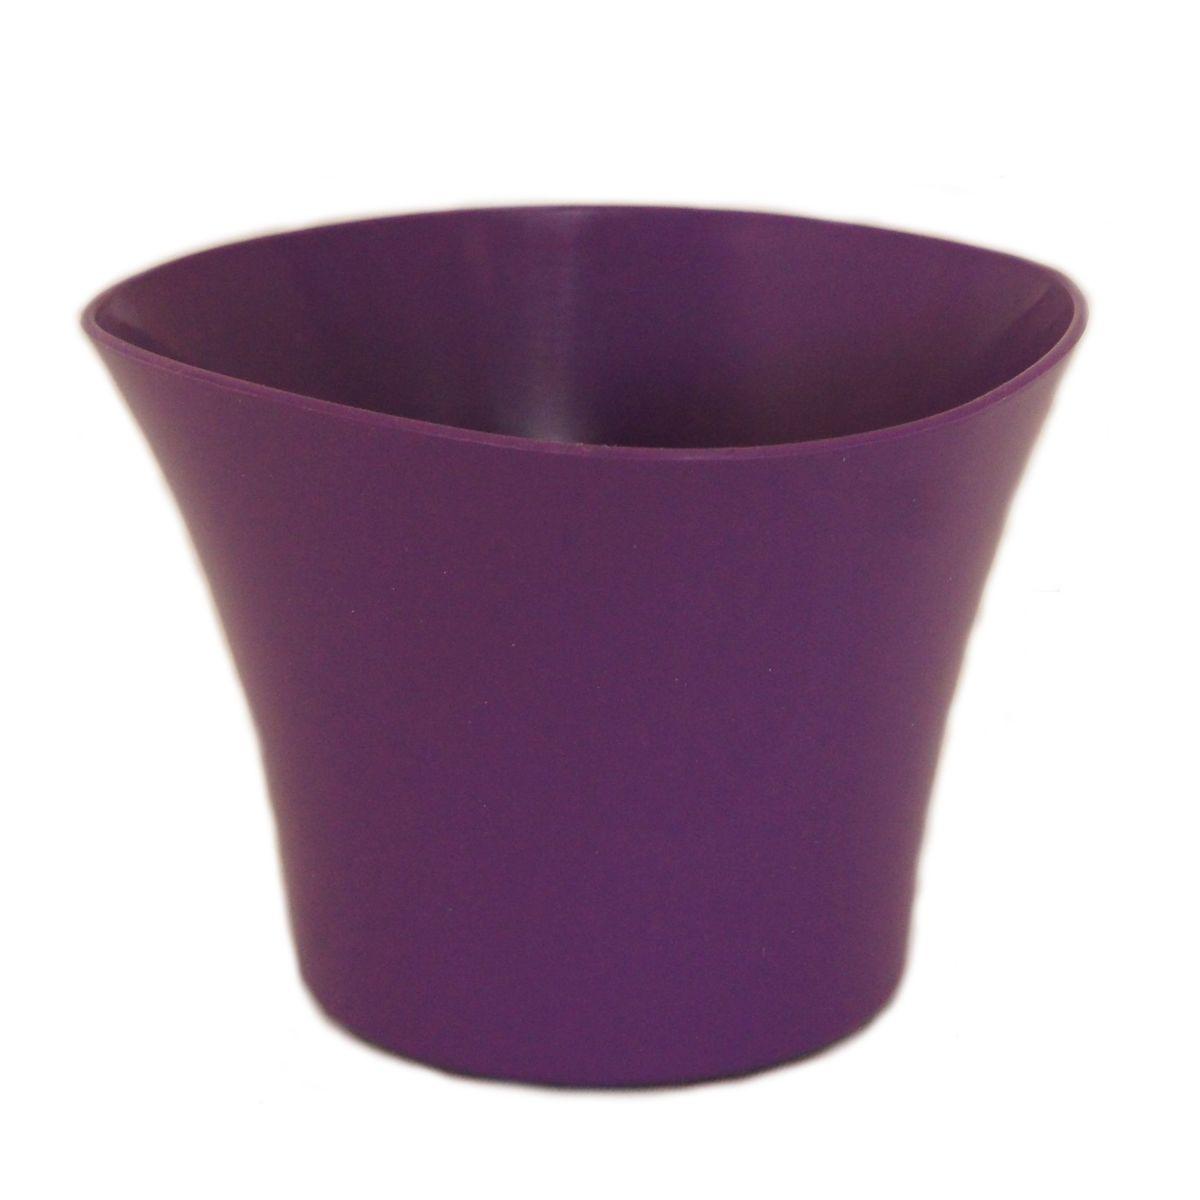 Кашпо JetPlast Волна, цвет: фиолетовый, 600 млZ-0307Кашпо Волна имеет уникальную форму, сочетающуюся как с классическим, так и с современным дизайном интерьера. Оно изготовлено из прочного полипропилена (пластика) и предназначено для выращивания растений, цветов и трав в домашних условиях. Такое кашпо порадует вас функциональностью, а благодаря лаконичному дизайну впишется в любой интерьер помещения. Объем кашпо: 600 мл.